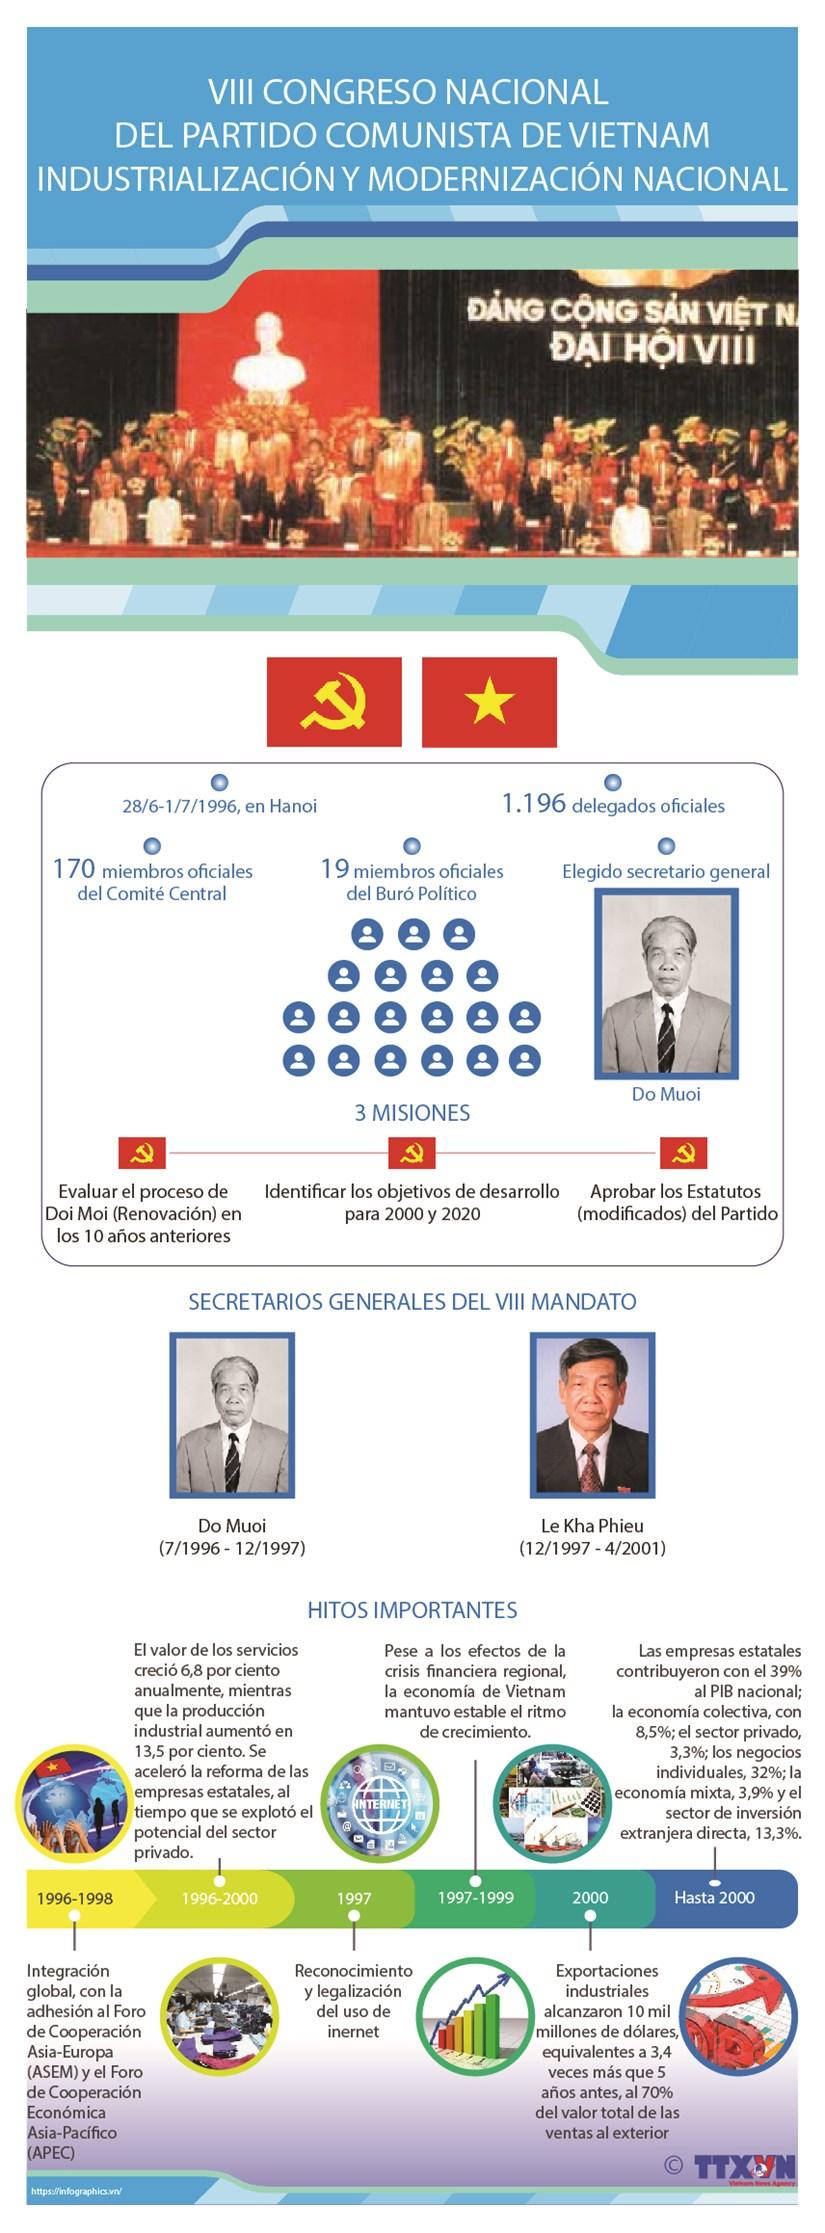 VIII Congreso Nacional del Partido Comunista: Industrializacion y modernizacion del pais hinh anh 1